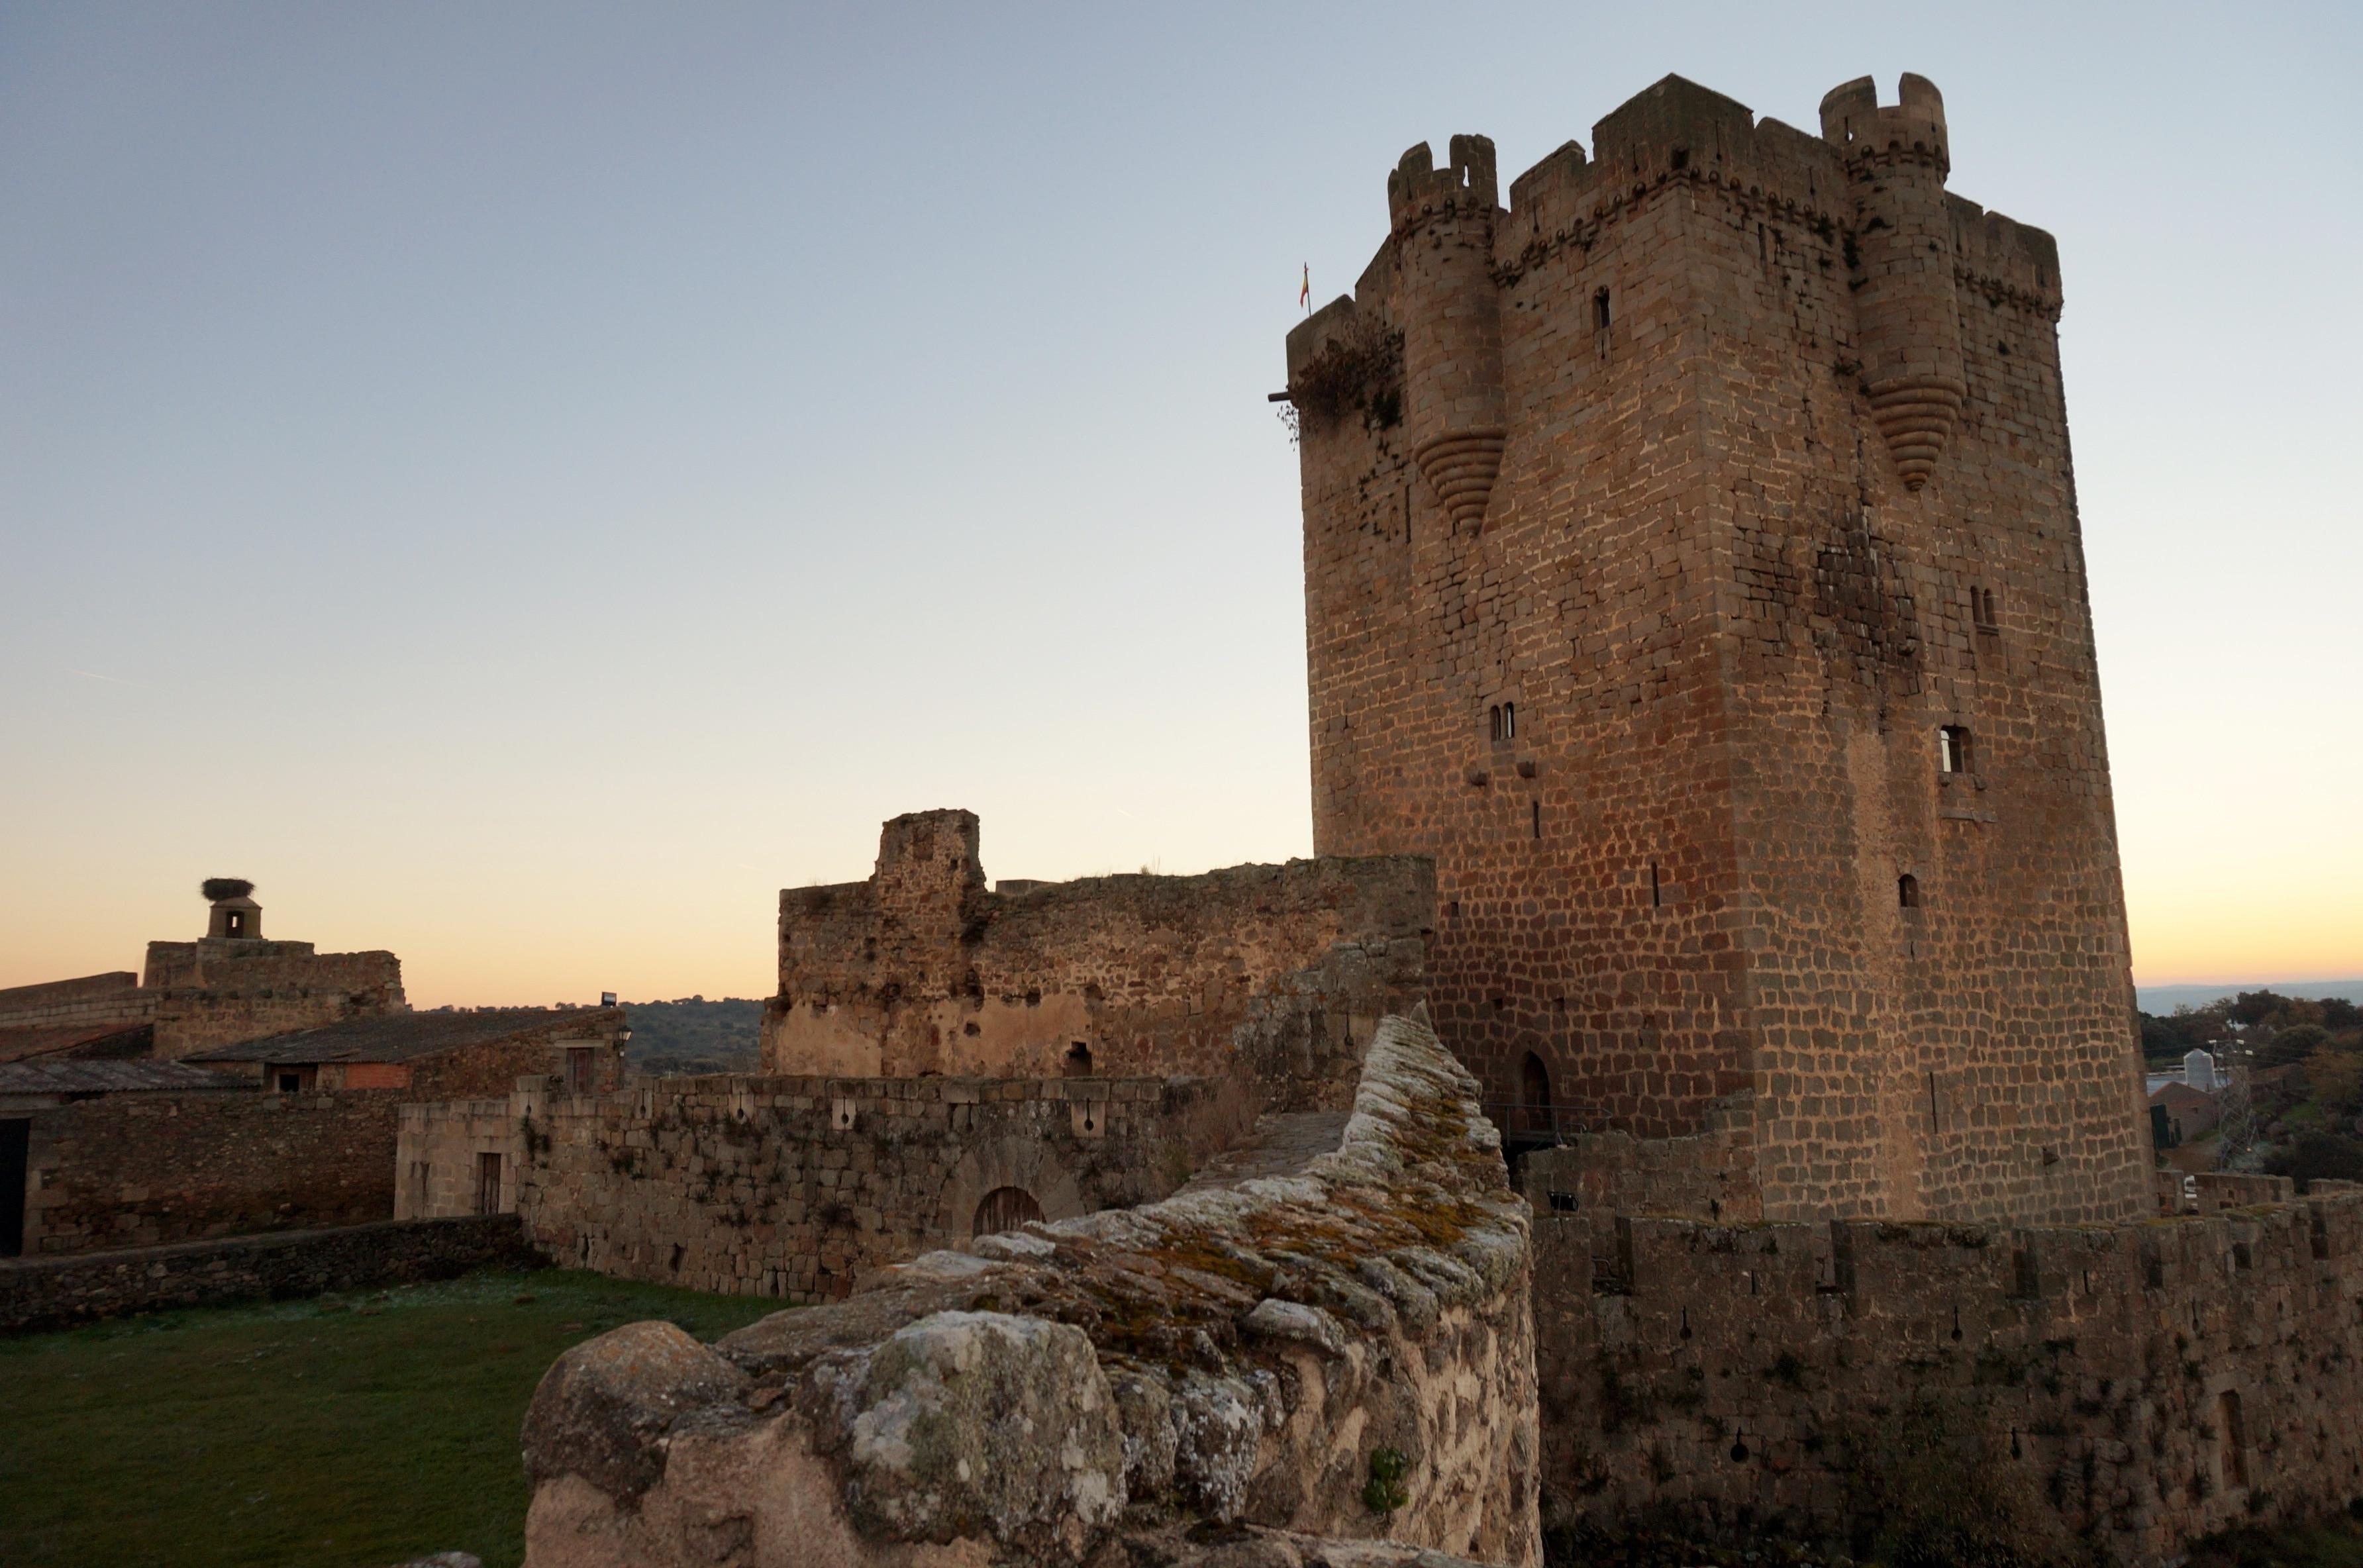 San Felices de los Gallegos, Kastilien und León, Spanien